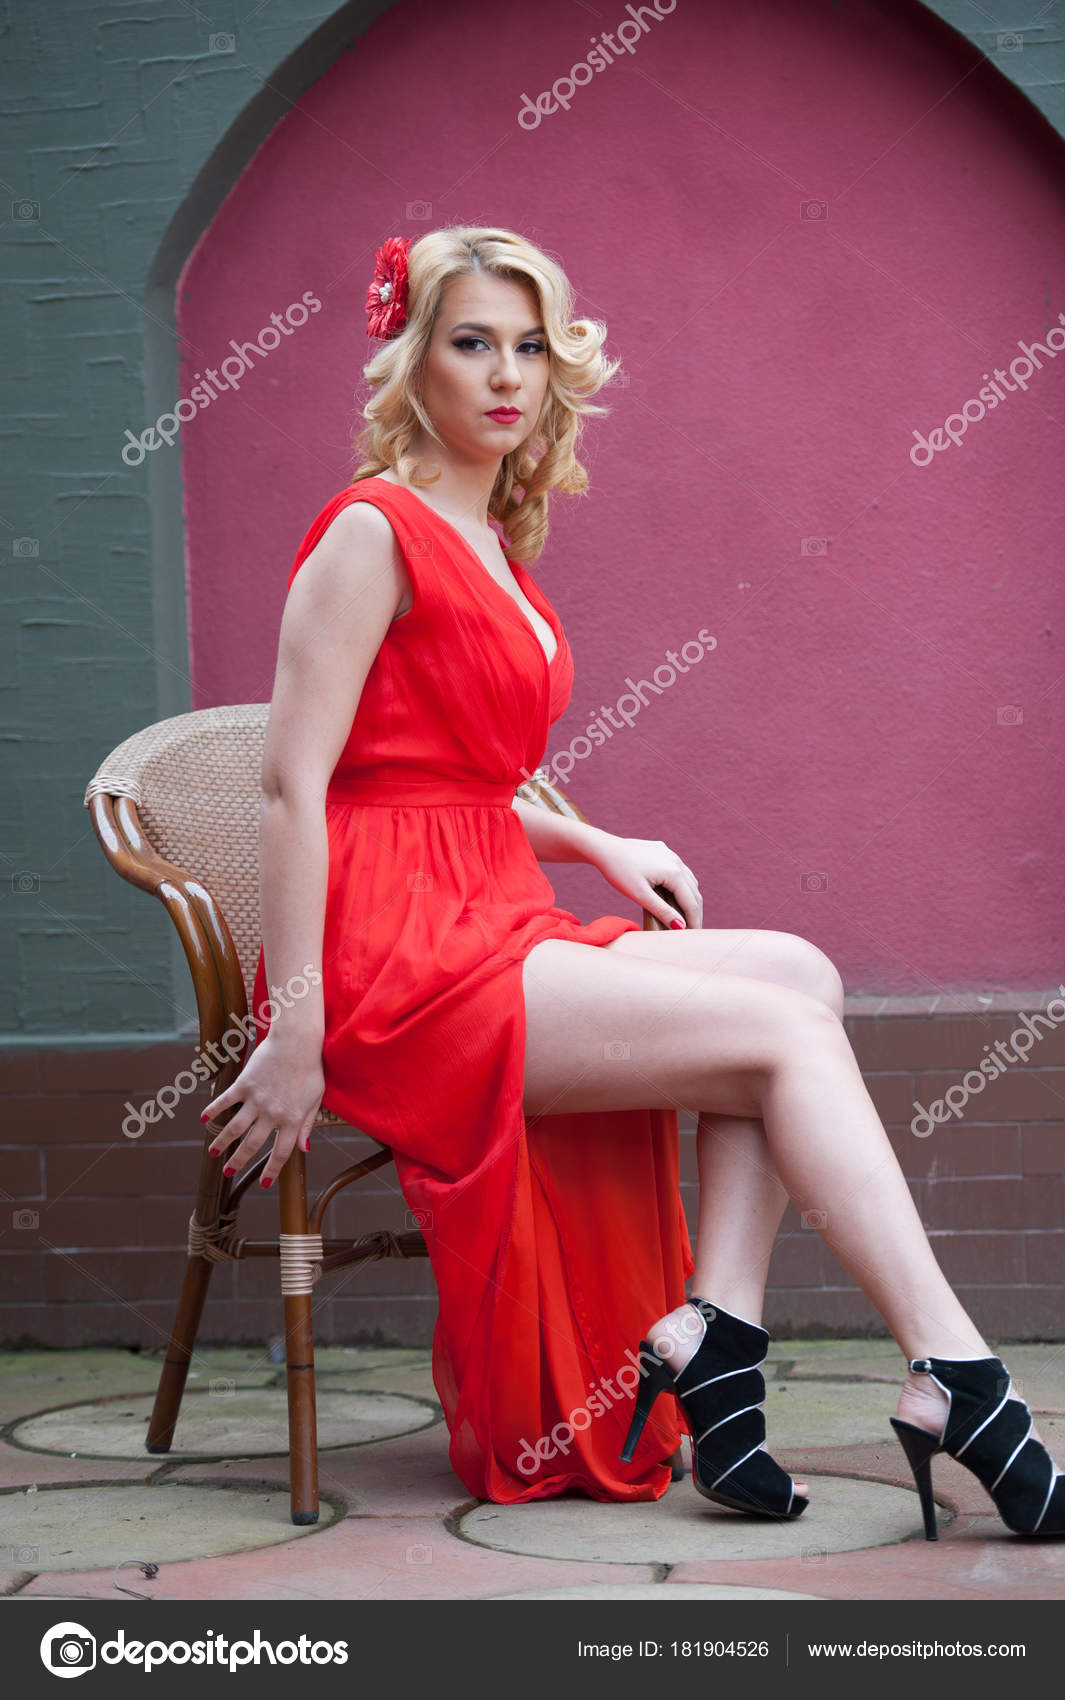 965a03ddf7a1 Donna bionda attraente alla moda in vestito rosso che si siede sulla sedia.  Bella donna elegante con il fiore rosso in capelli in posa in uno scenario  ...